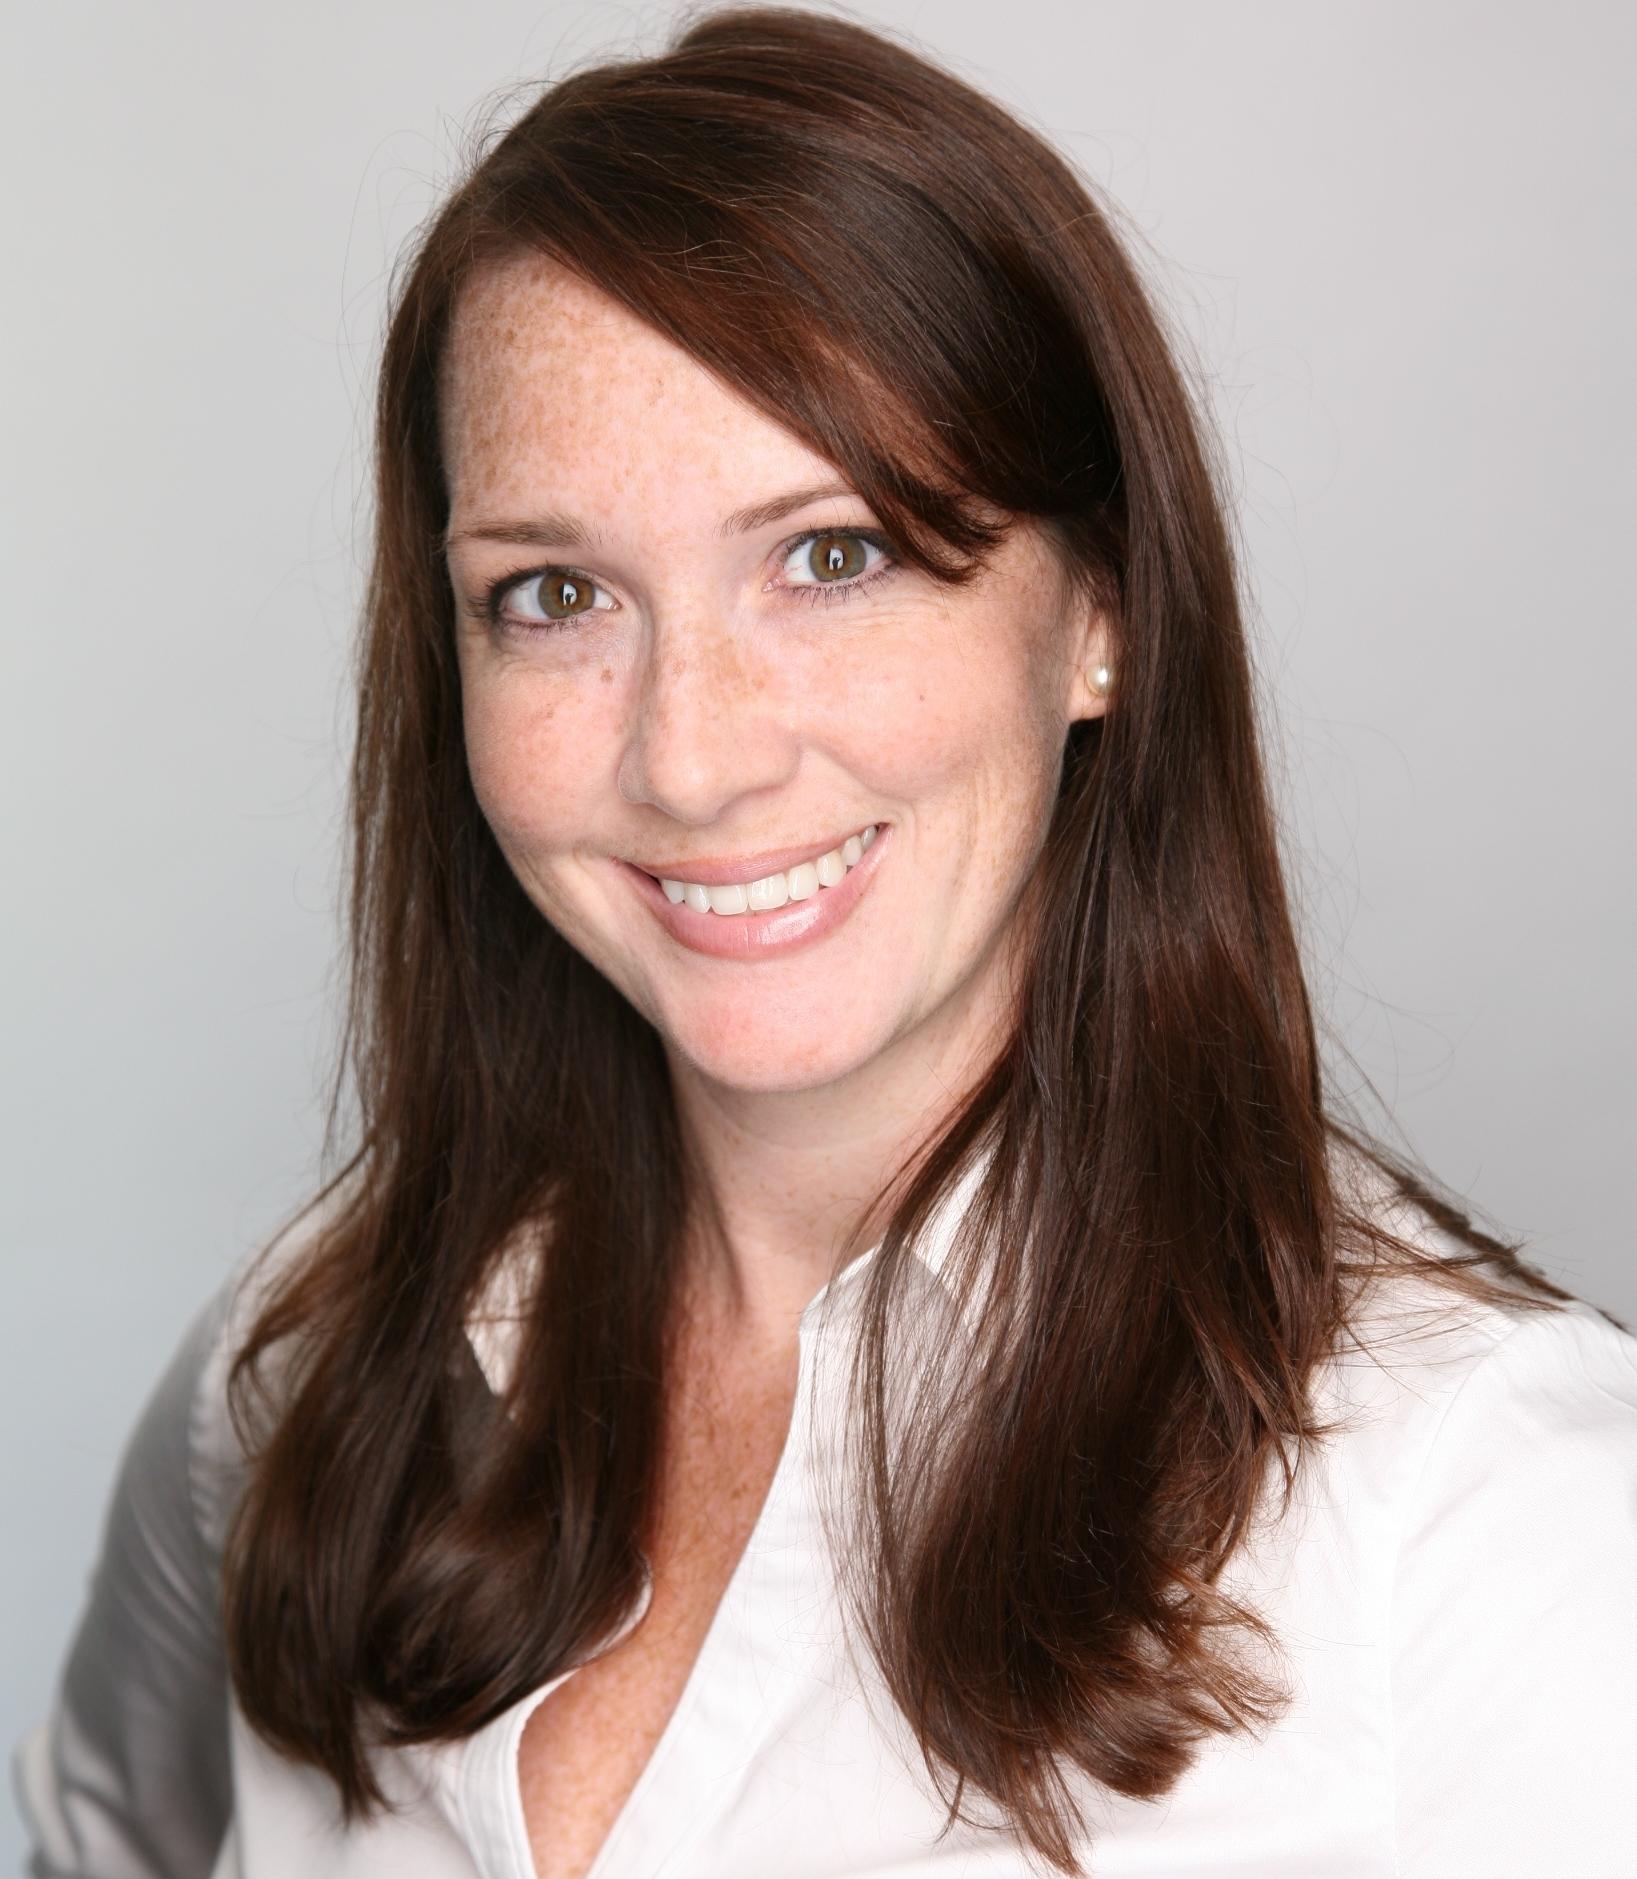 Stacey Lenau